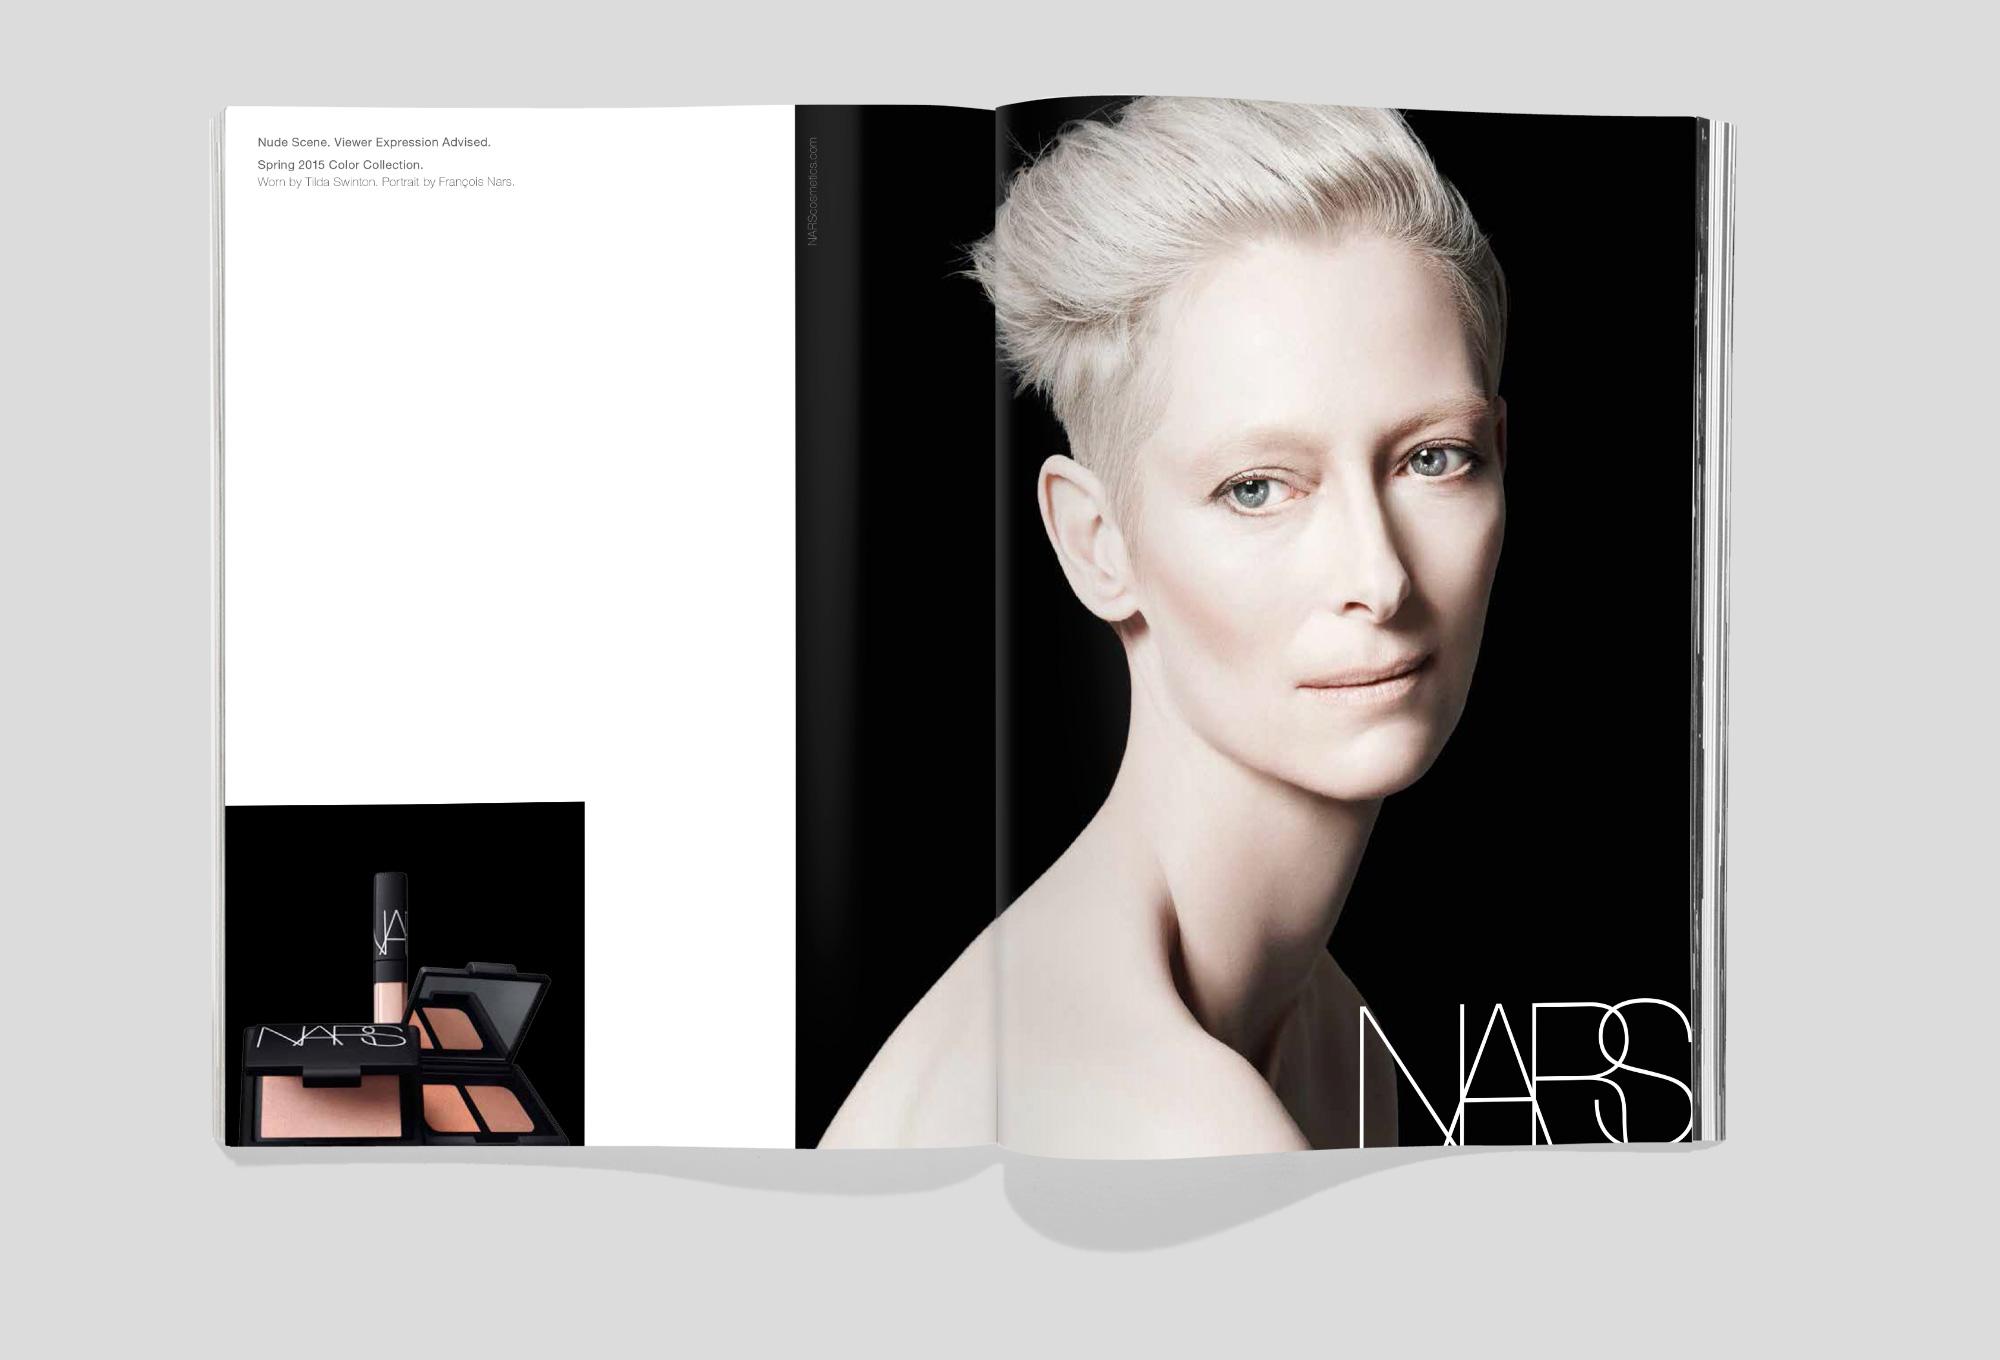 NARS_SS15_01.jpg